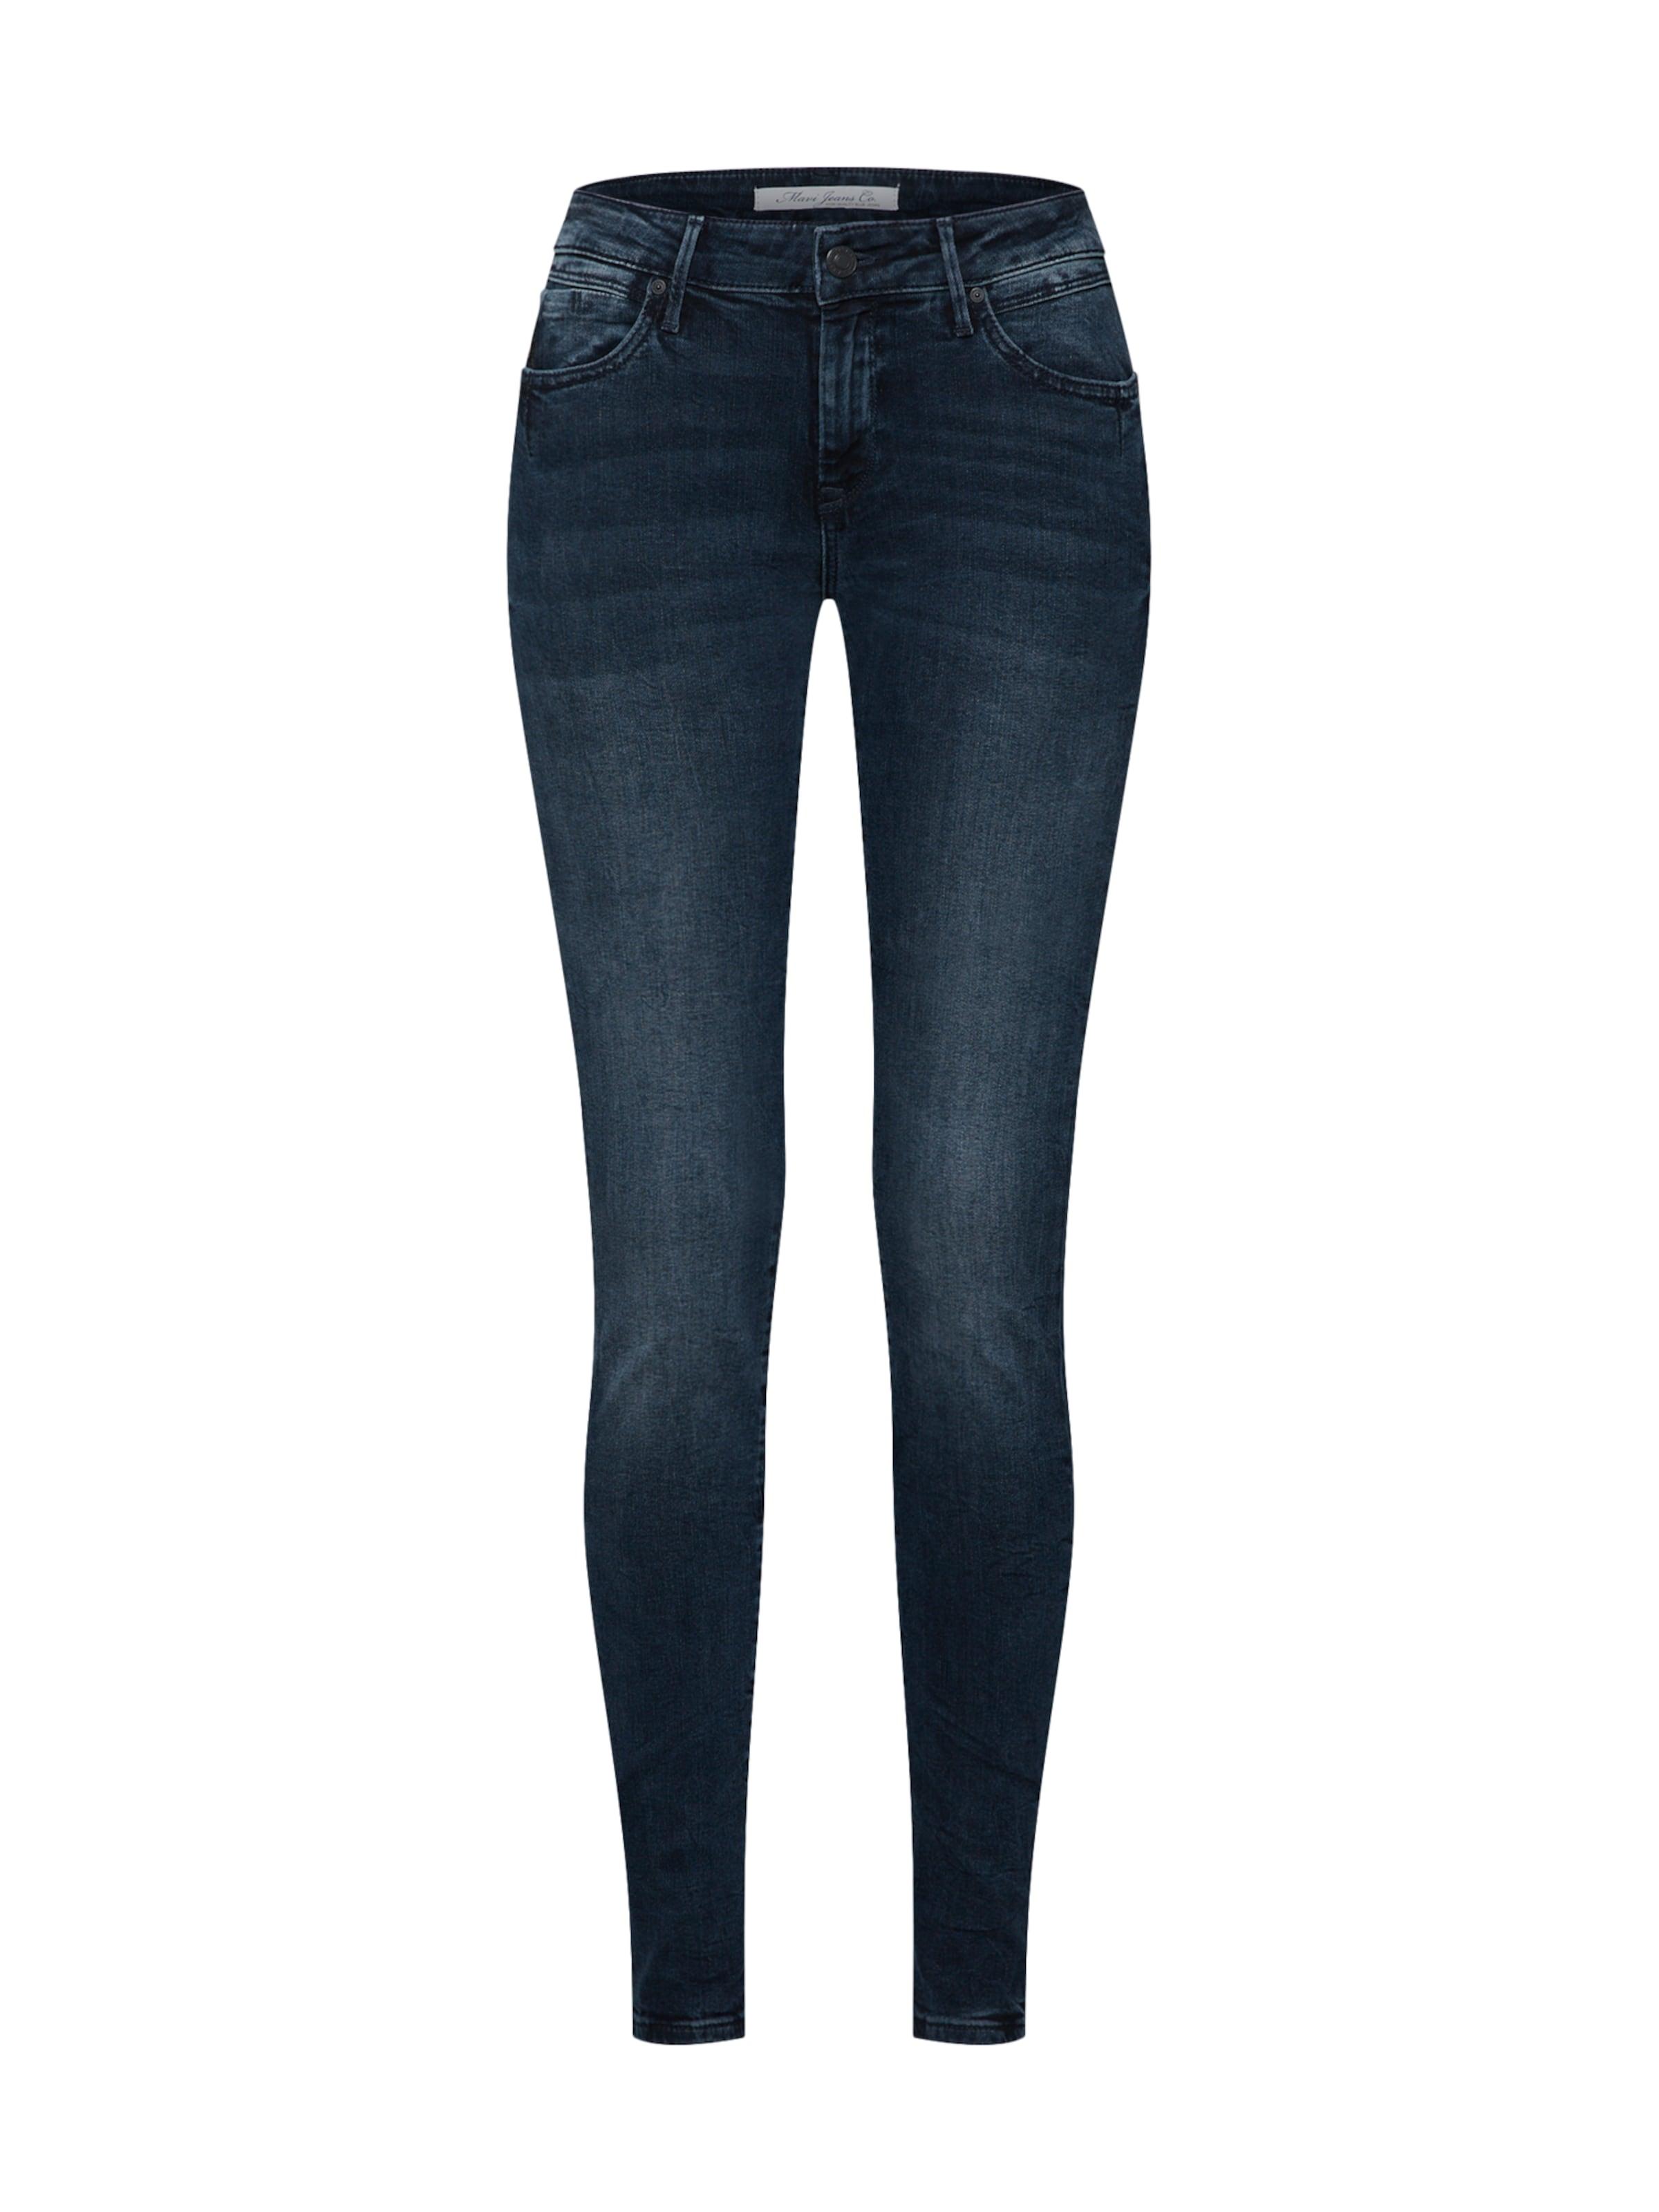 'adriana' Blue Mavi Denim Jeans In F31TlKJc